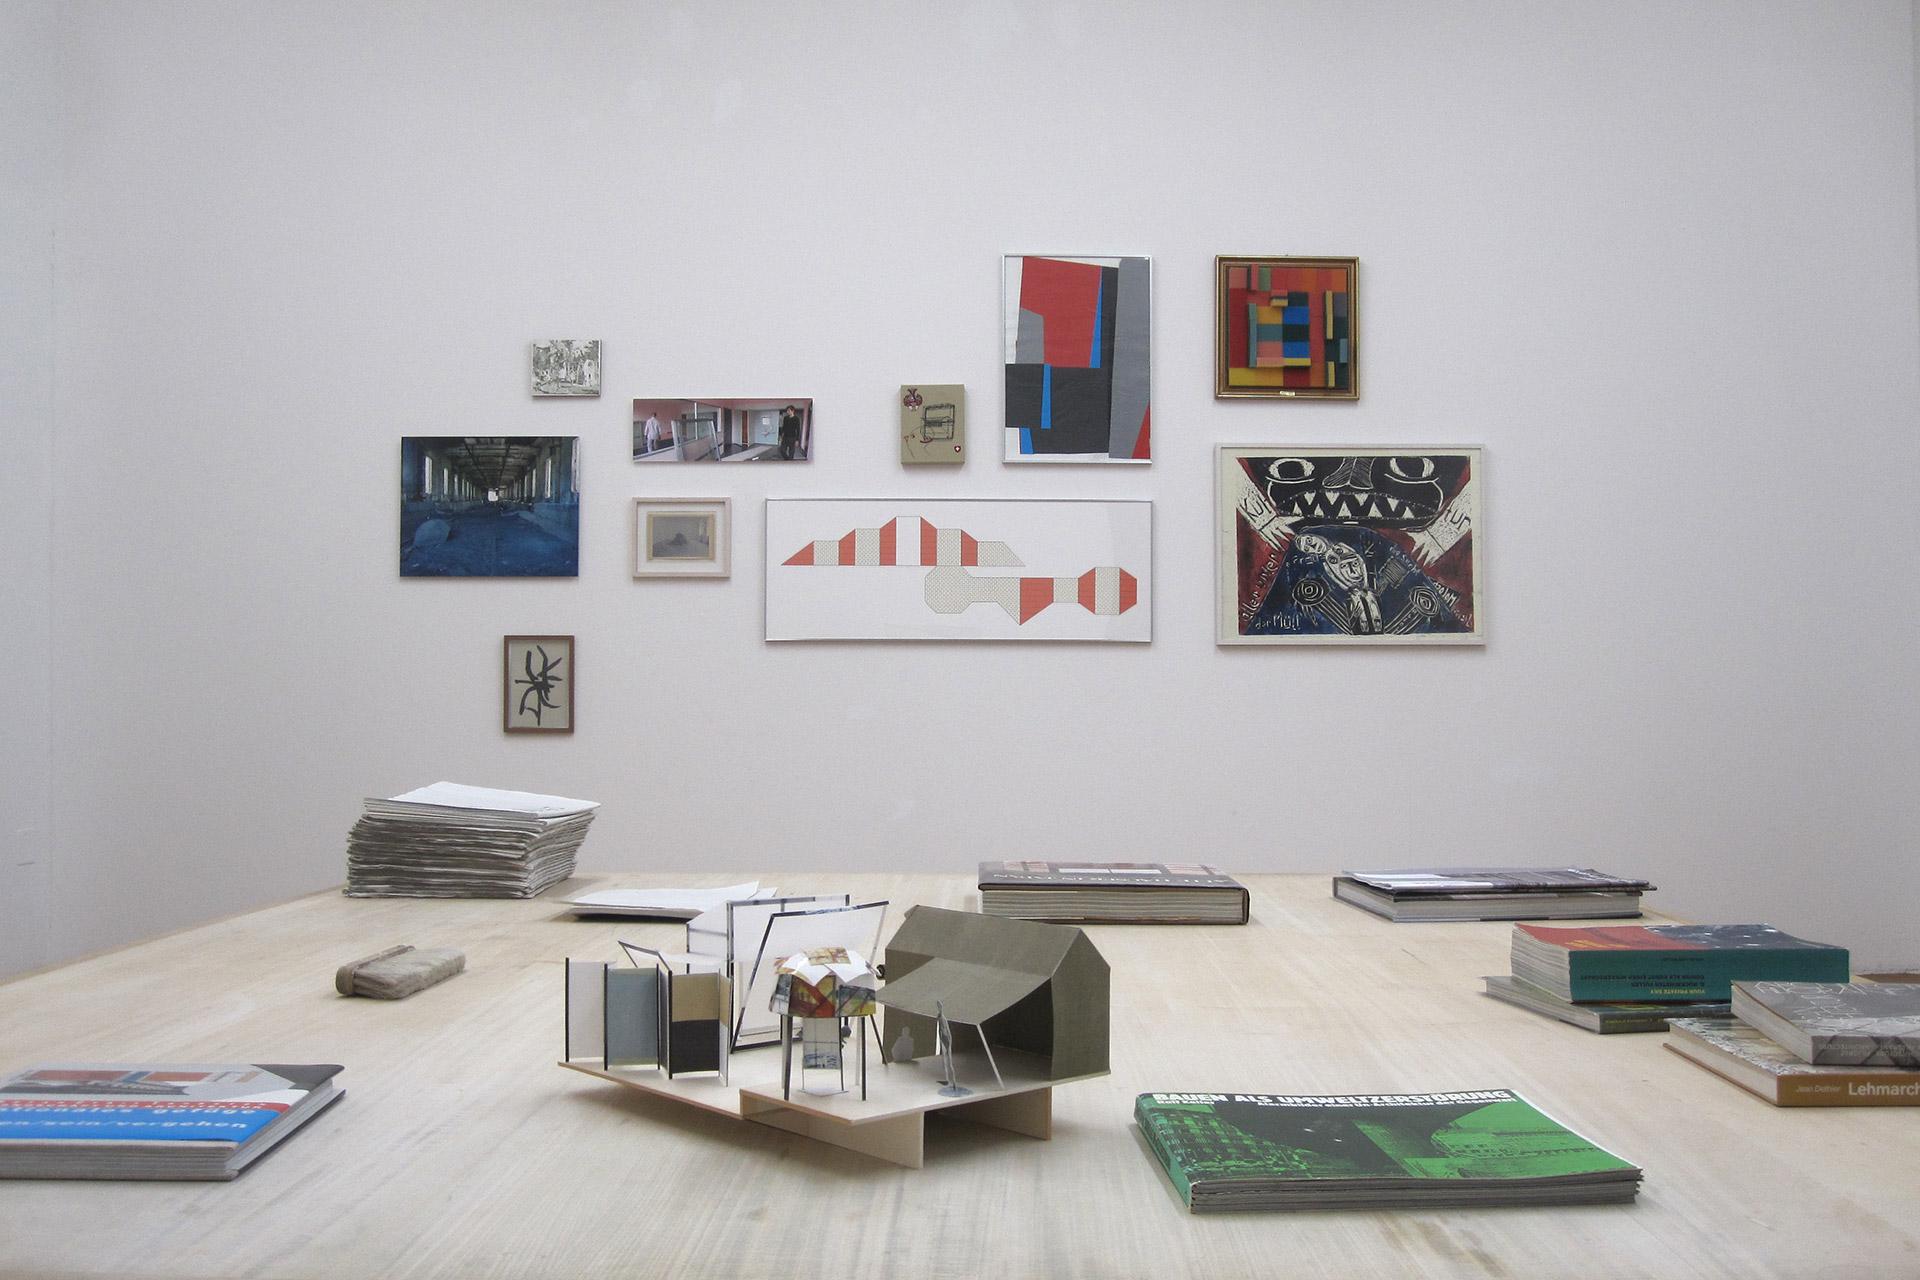 Koefer-Hess-Kunsthalle-Winterthur-2013-6.jpg